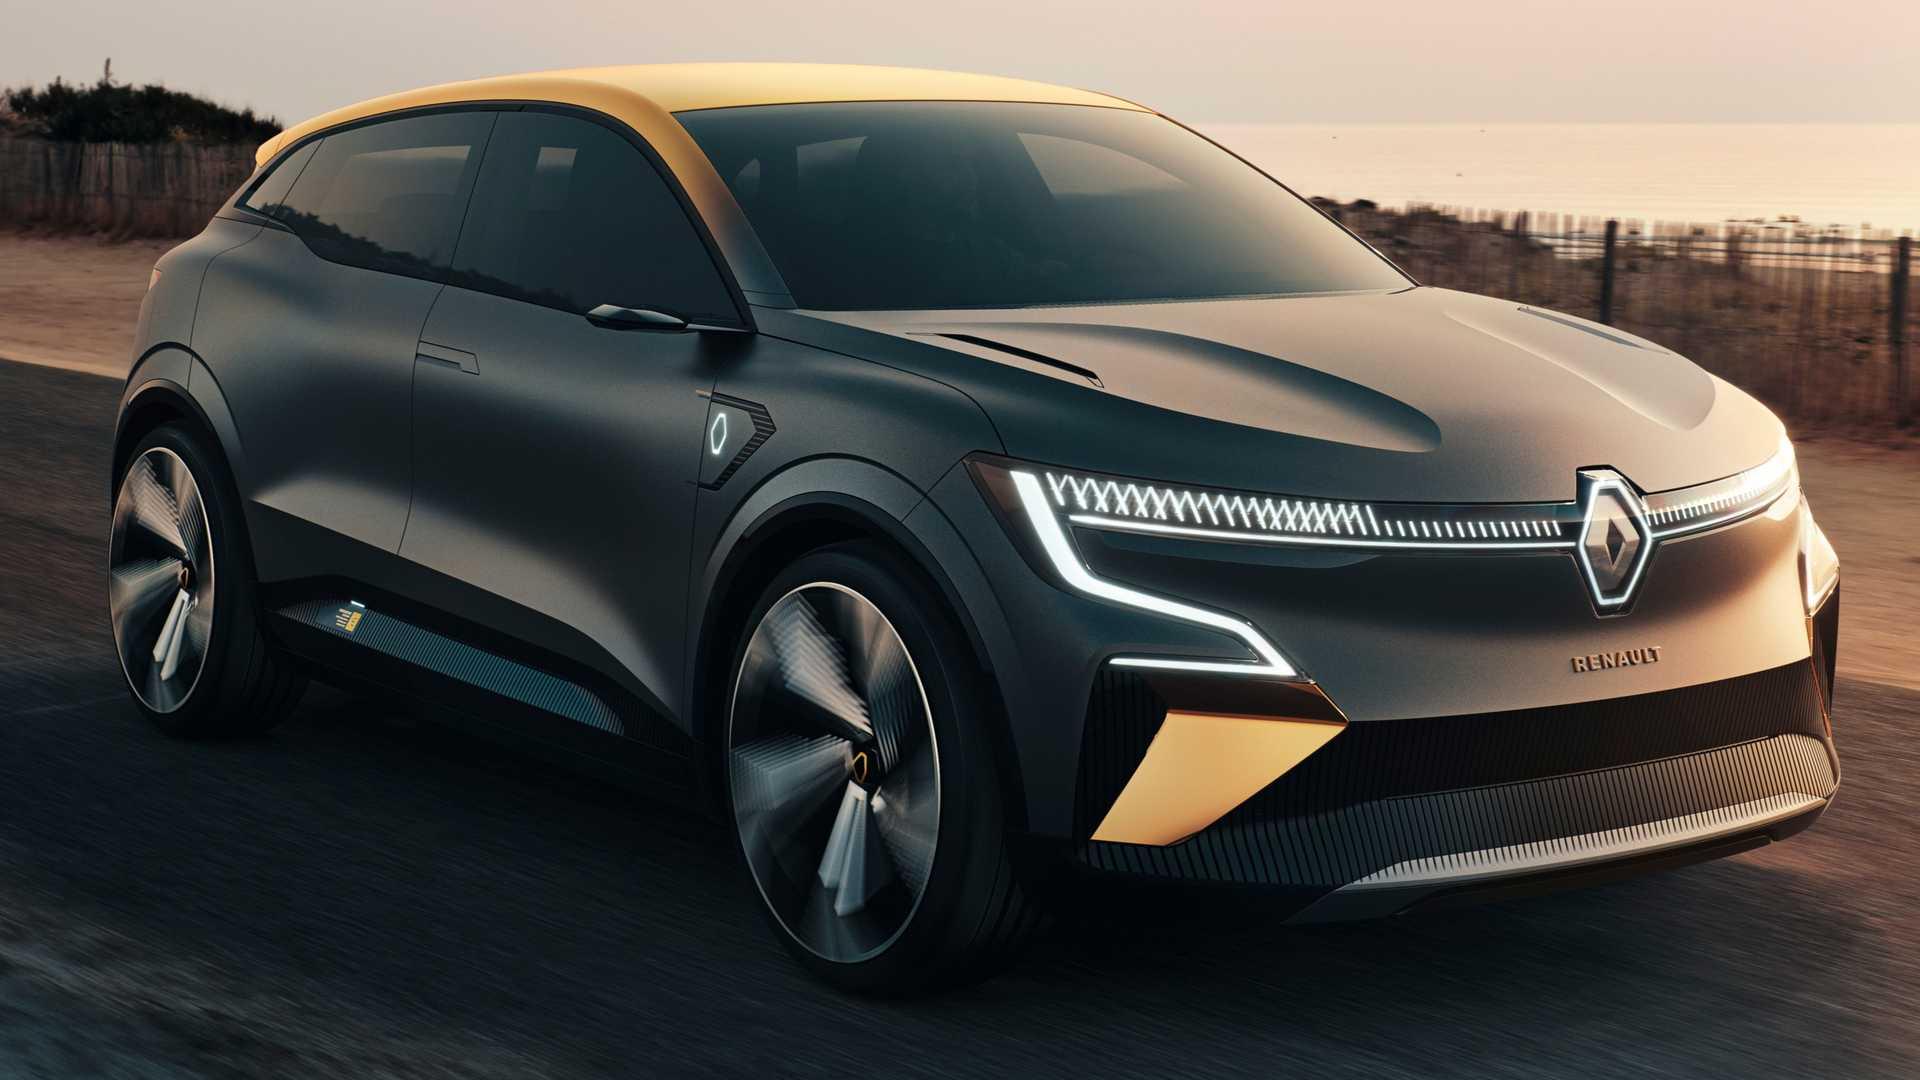 Pourquoi la future Mégane sera déterminante pour Renault